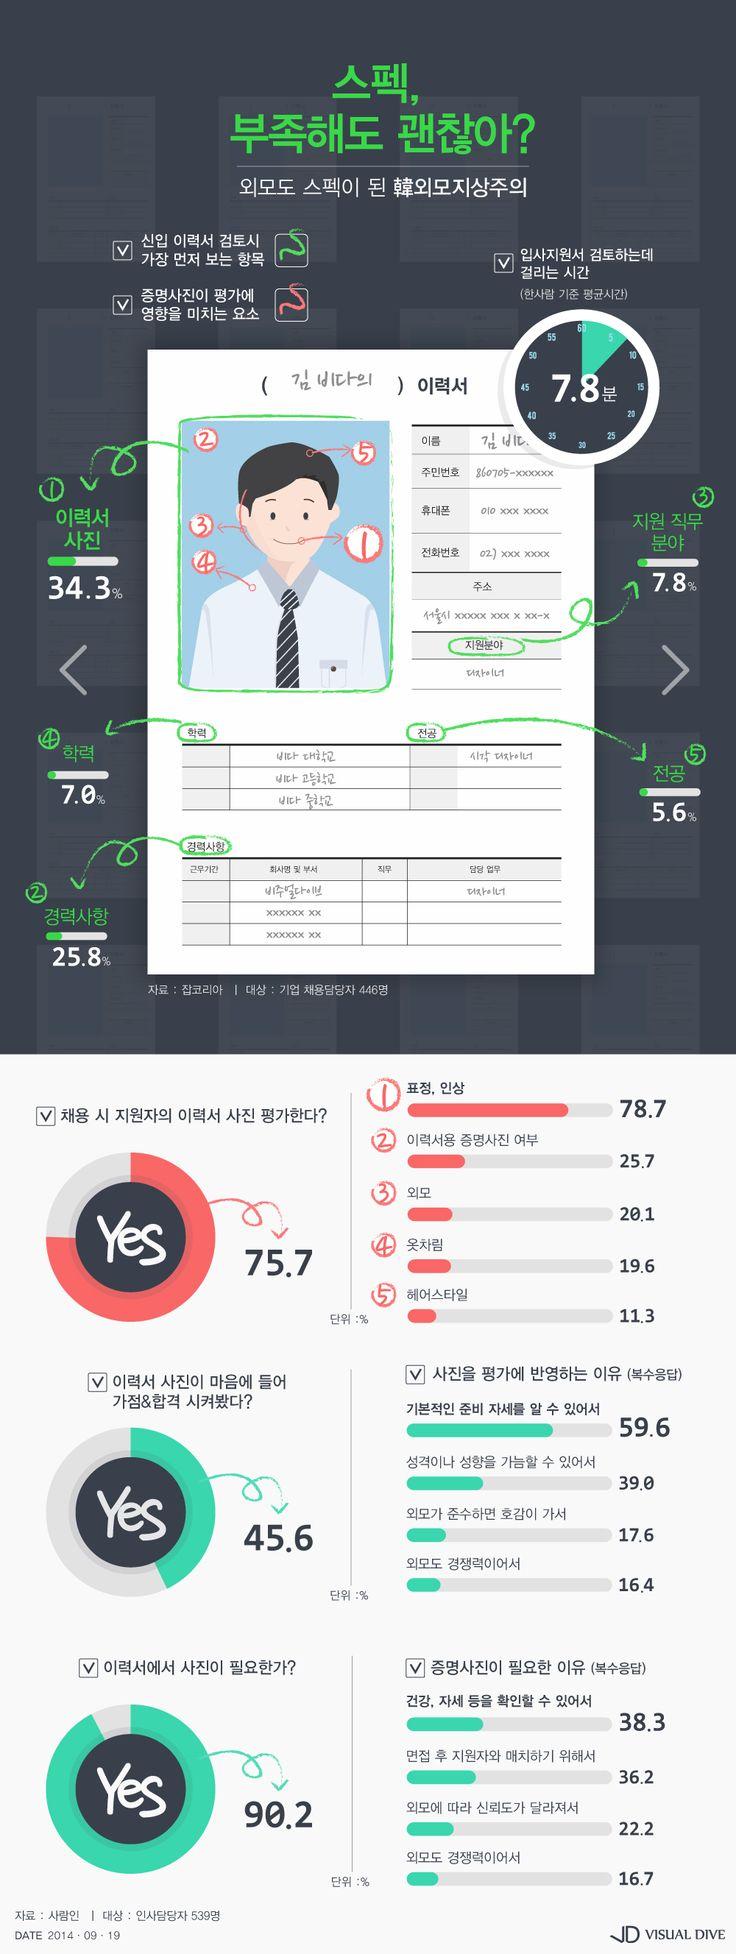 """'비정상회담' 타일러 """"한국에서 외모=스펙"""" 지적은 사실일까 [인포그래픽] #appearance / #Infographic ⓒ 비주얼다이브 무단 복사·전재·재배포 금지"""